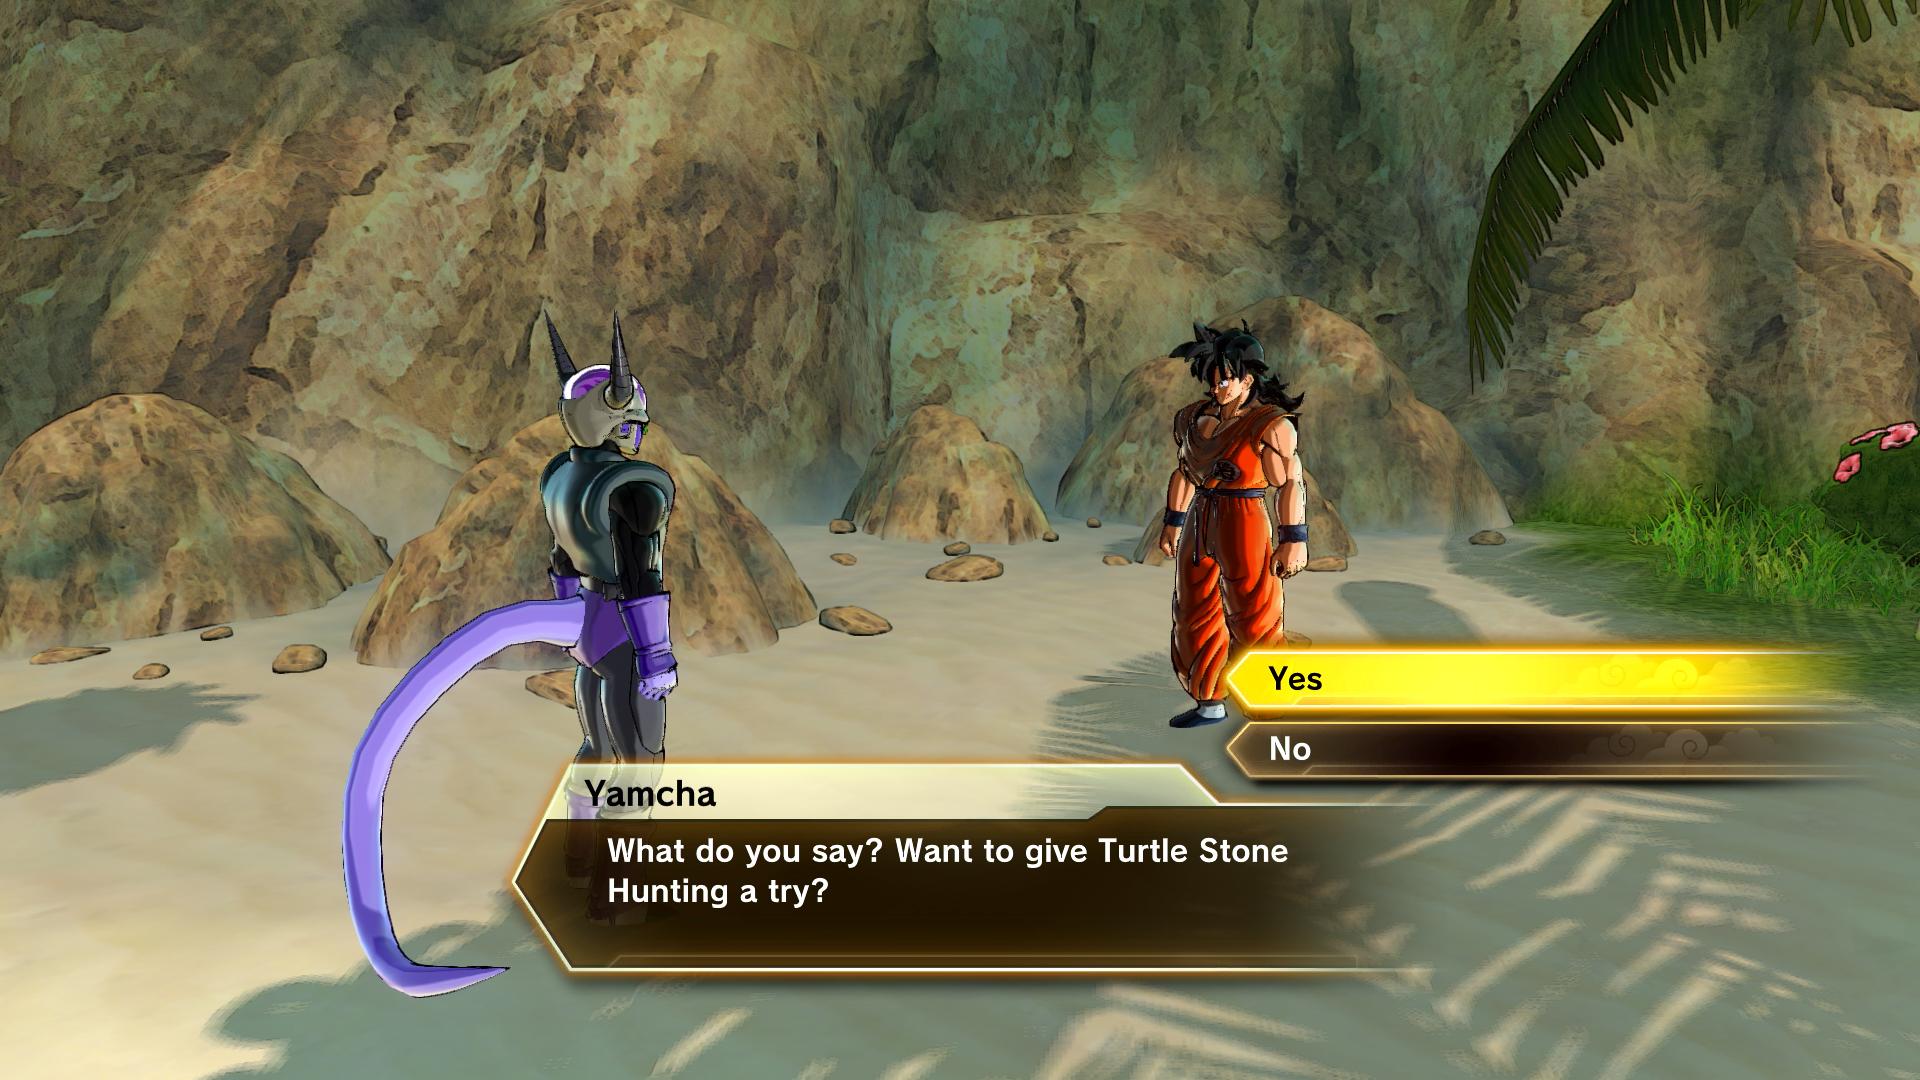 Turtle_Stone_Hunting_5_1474462183.jpg